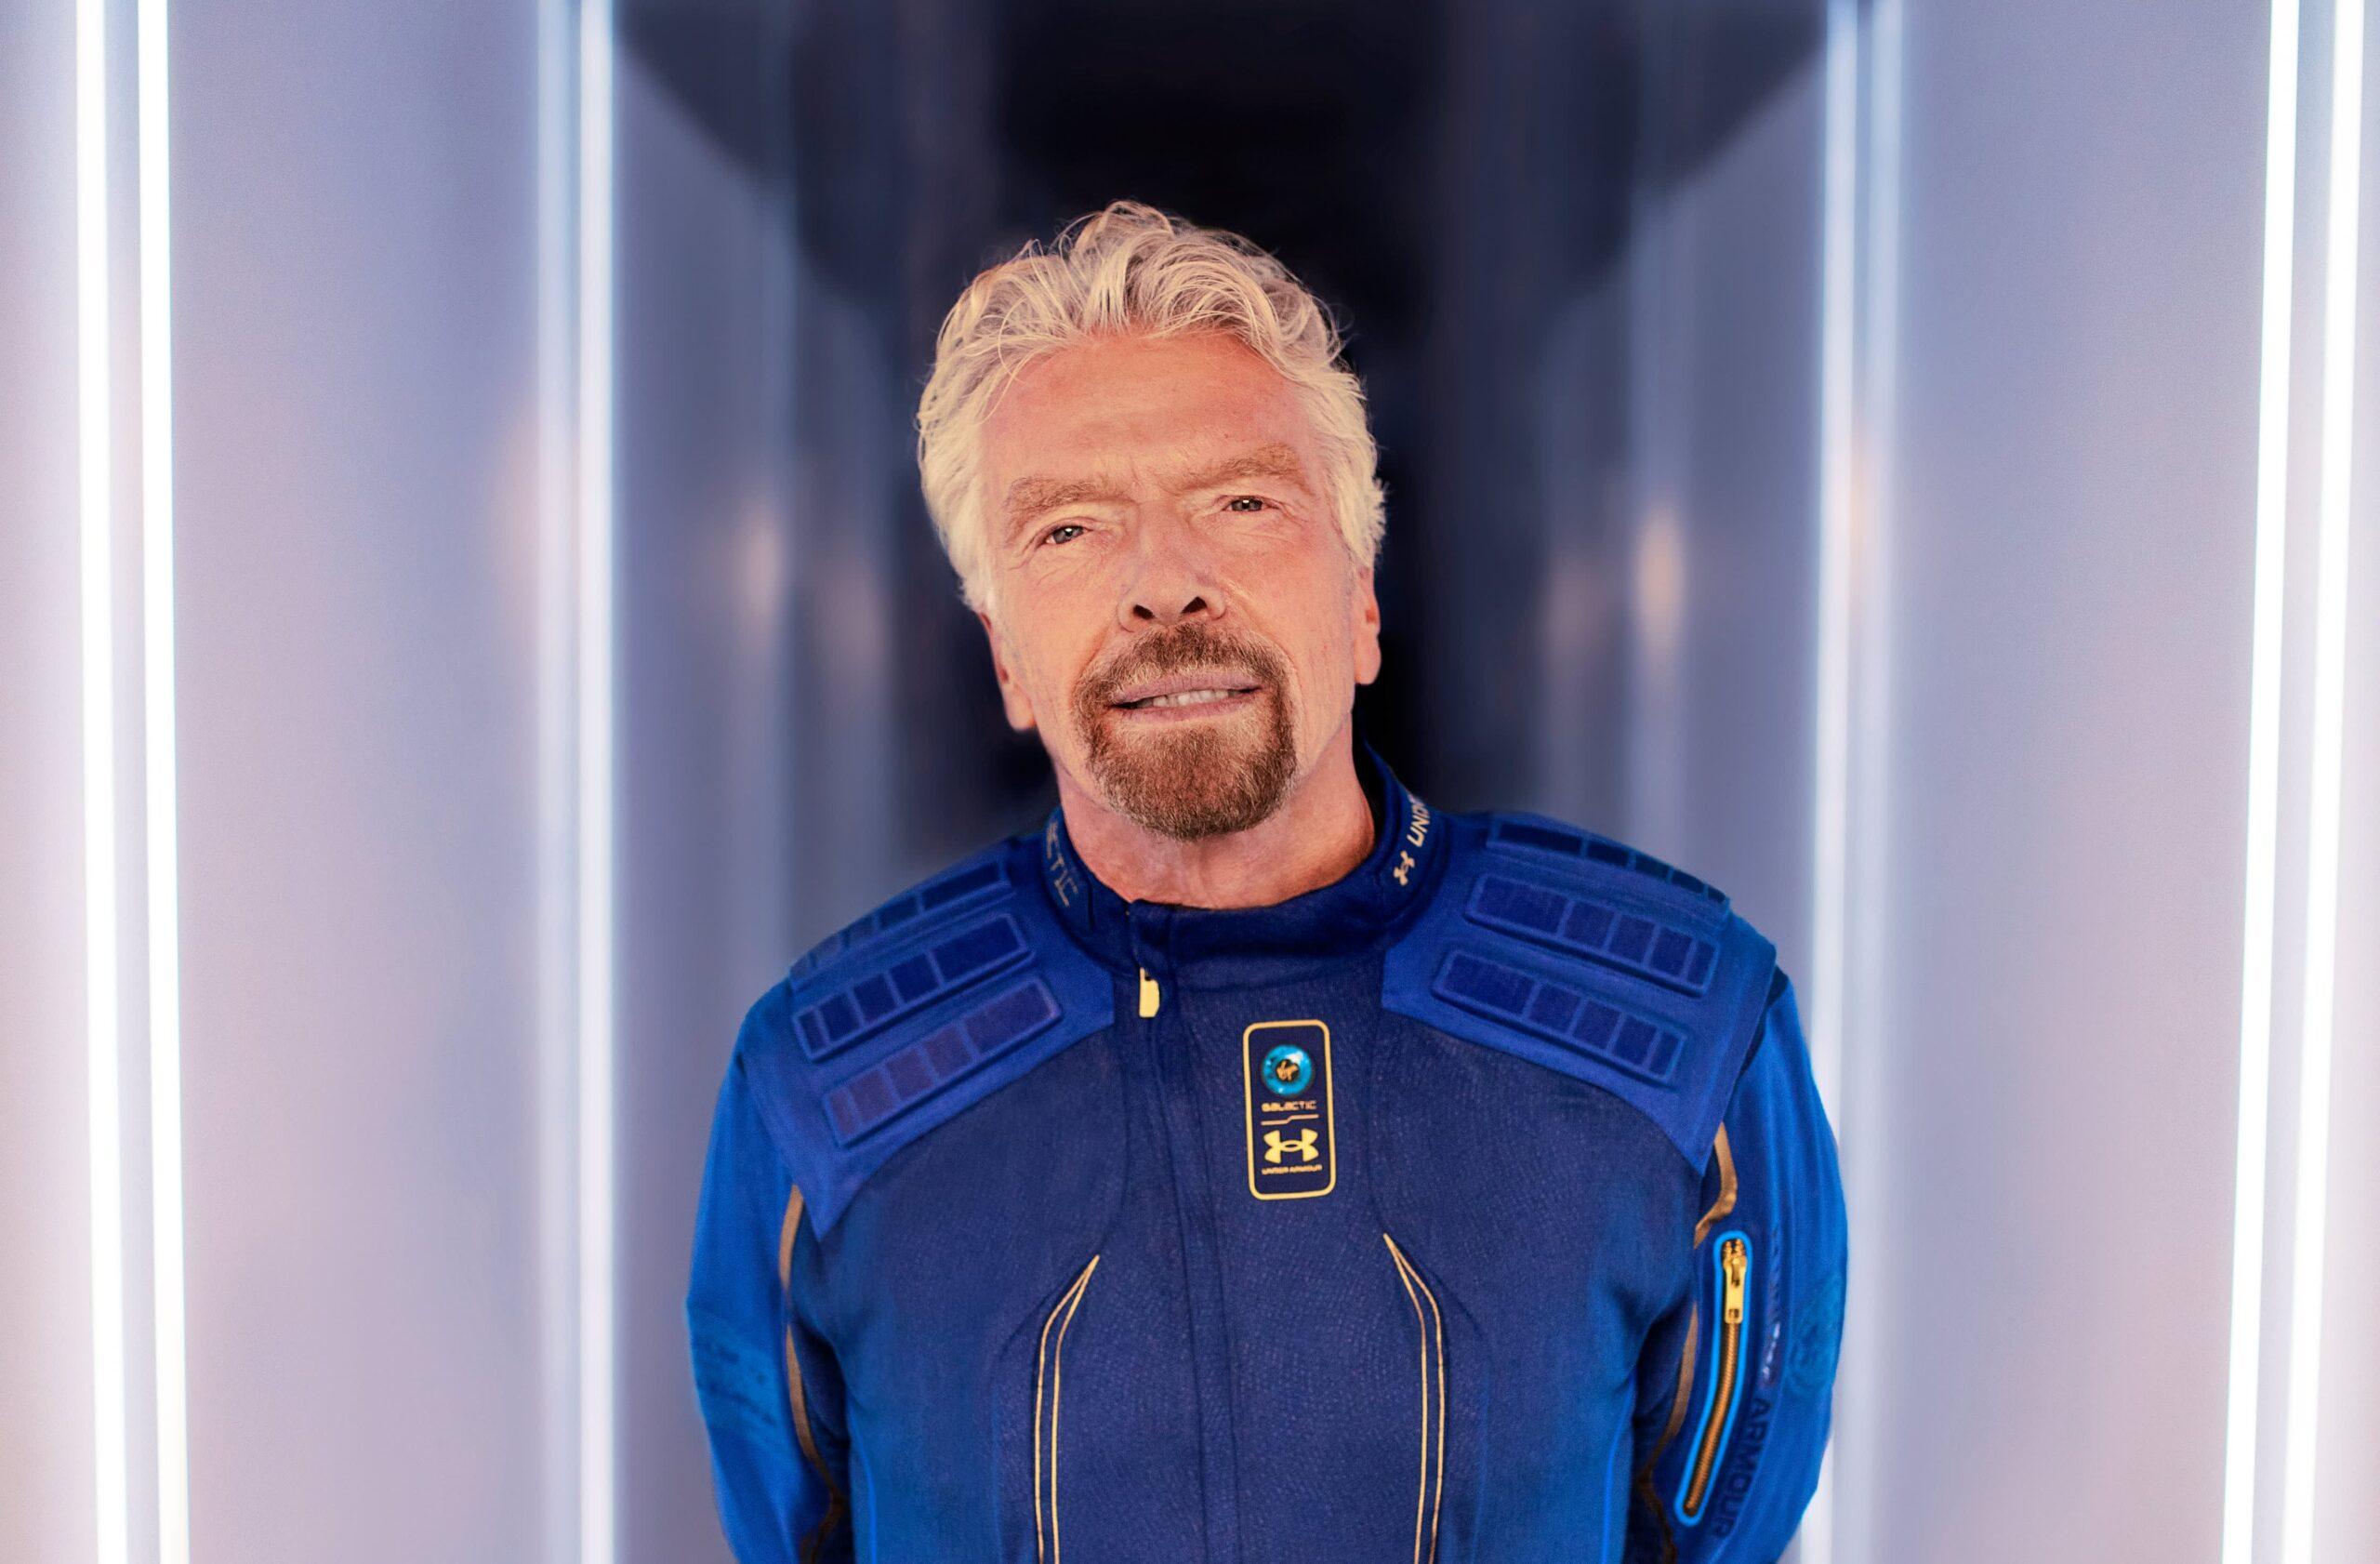 Брэнсон летит в космос 11 июля. На девять дней раньше Безоса